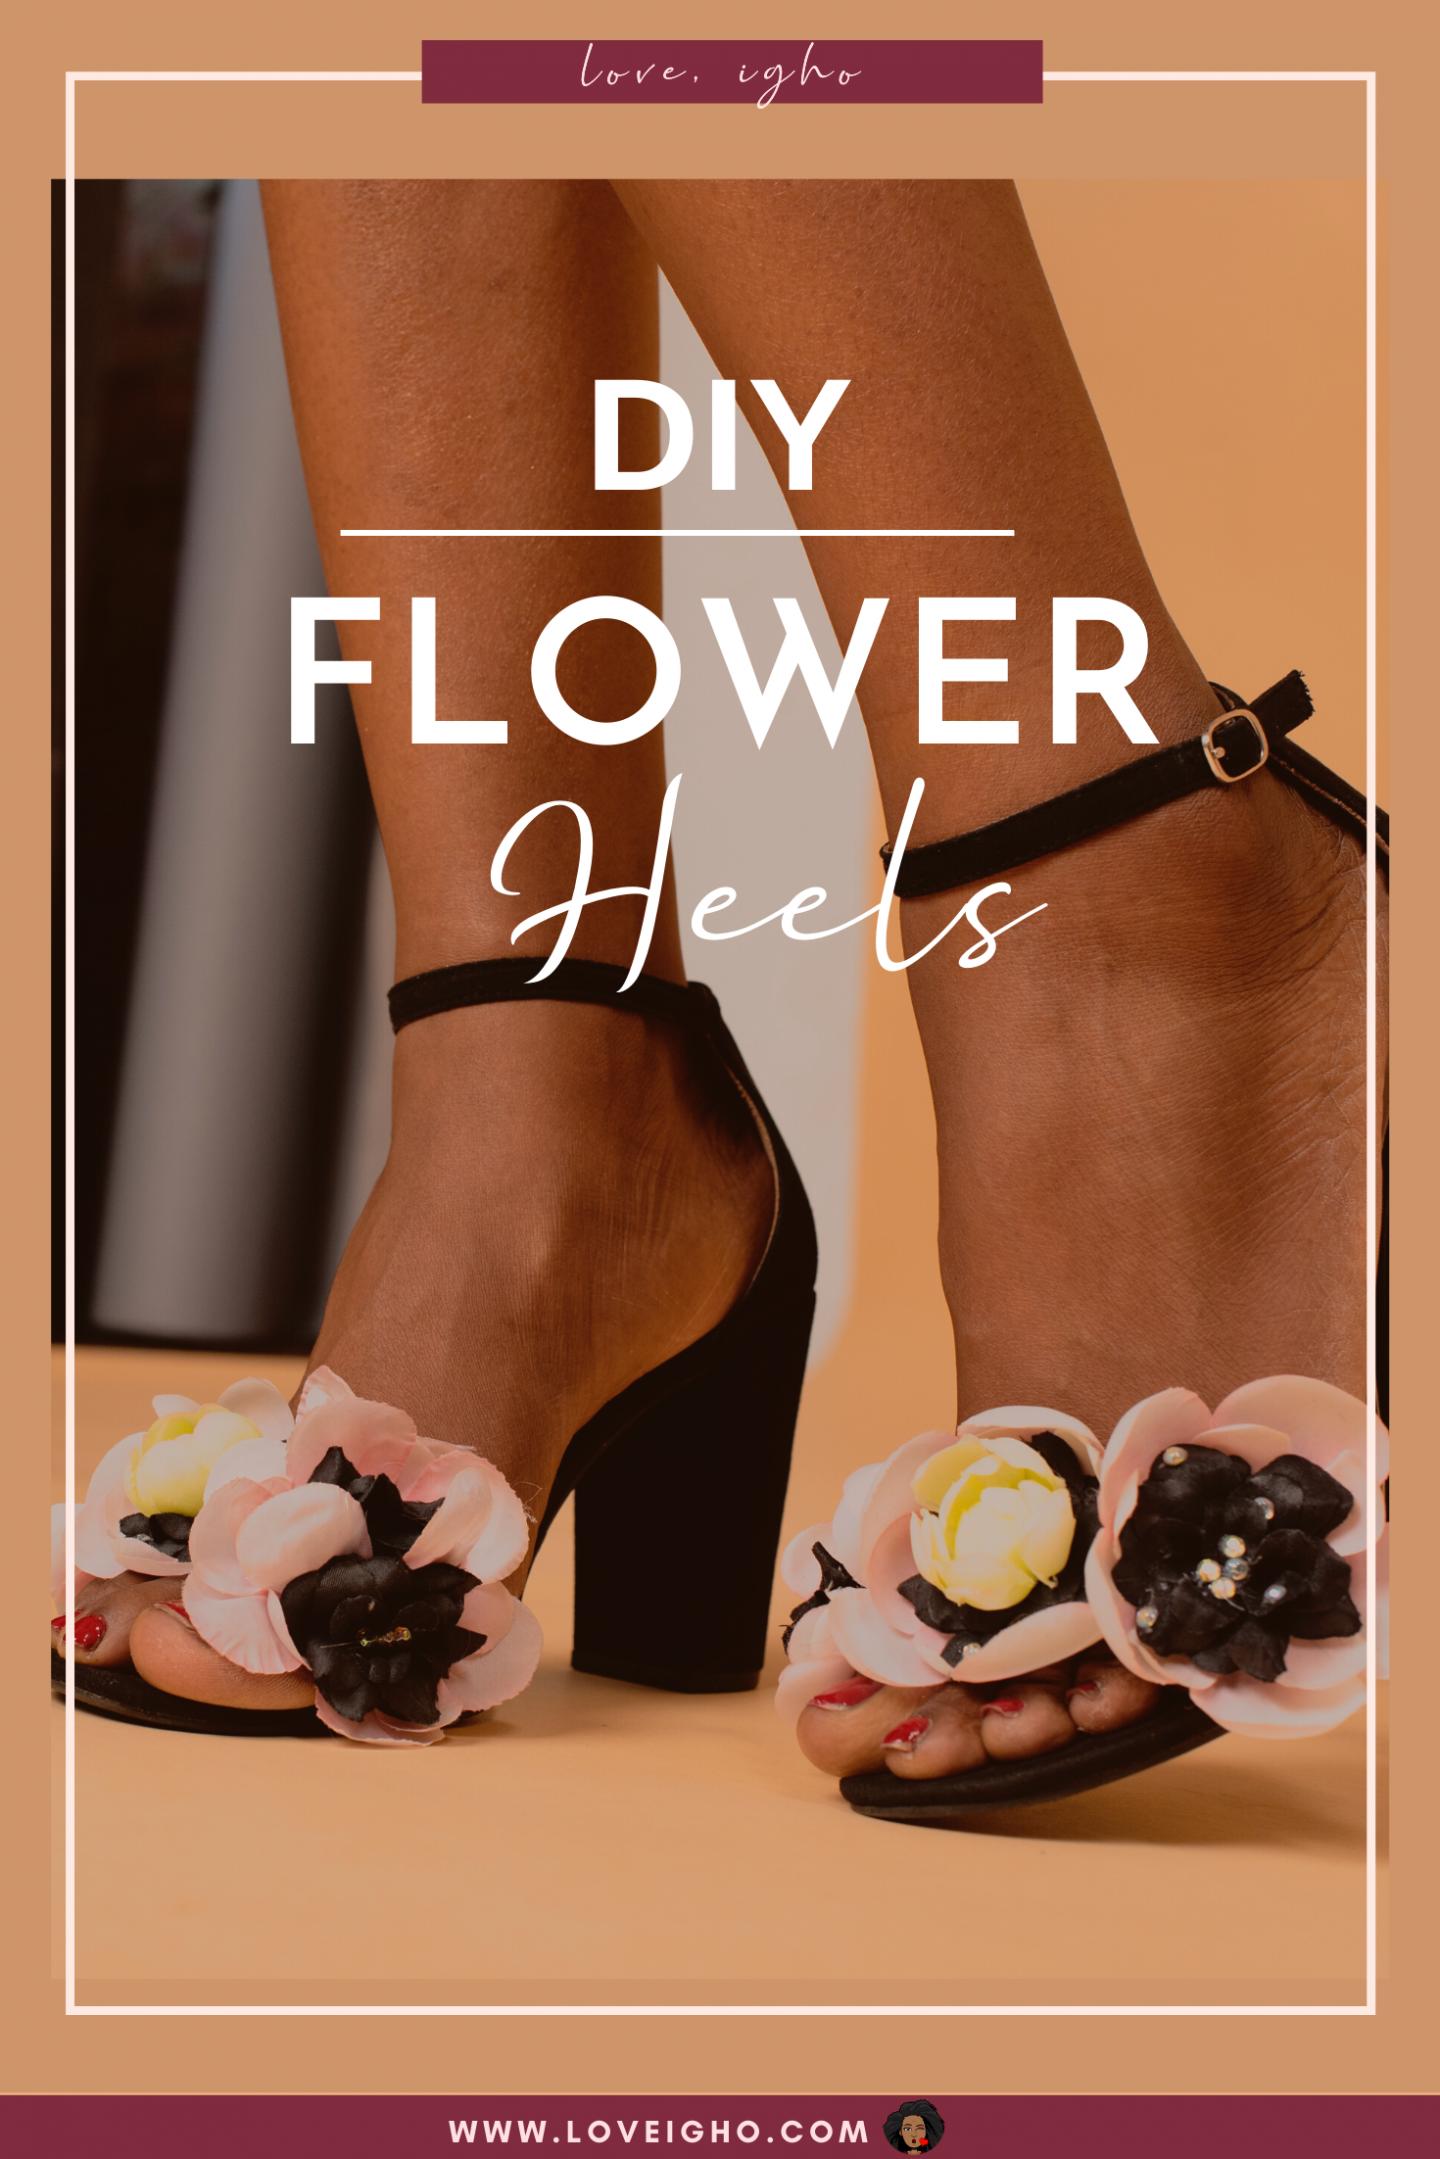 DIY Flower Heels | Love Igho